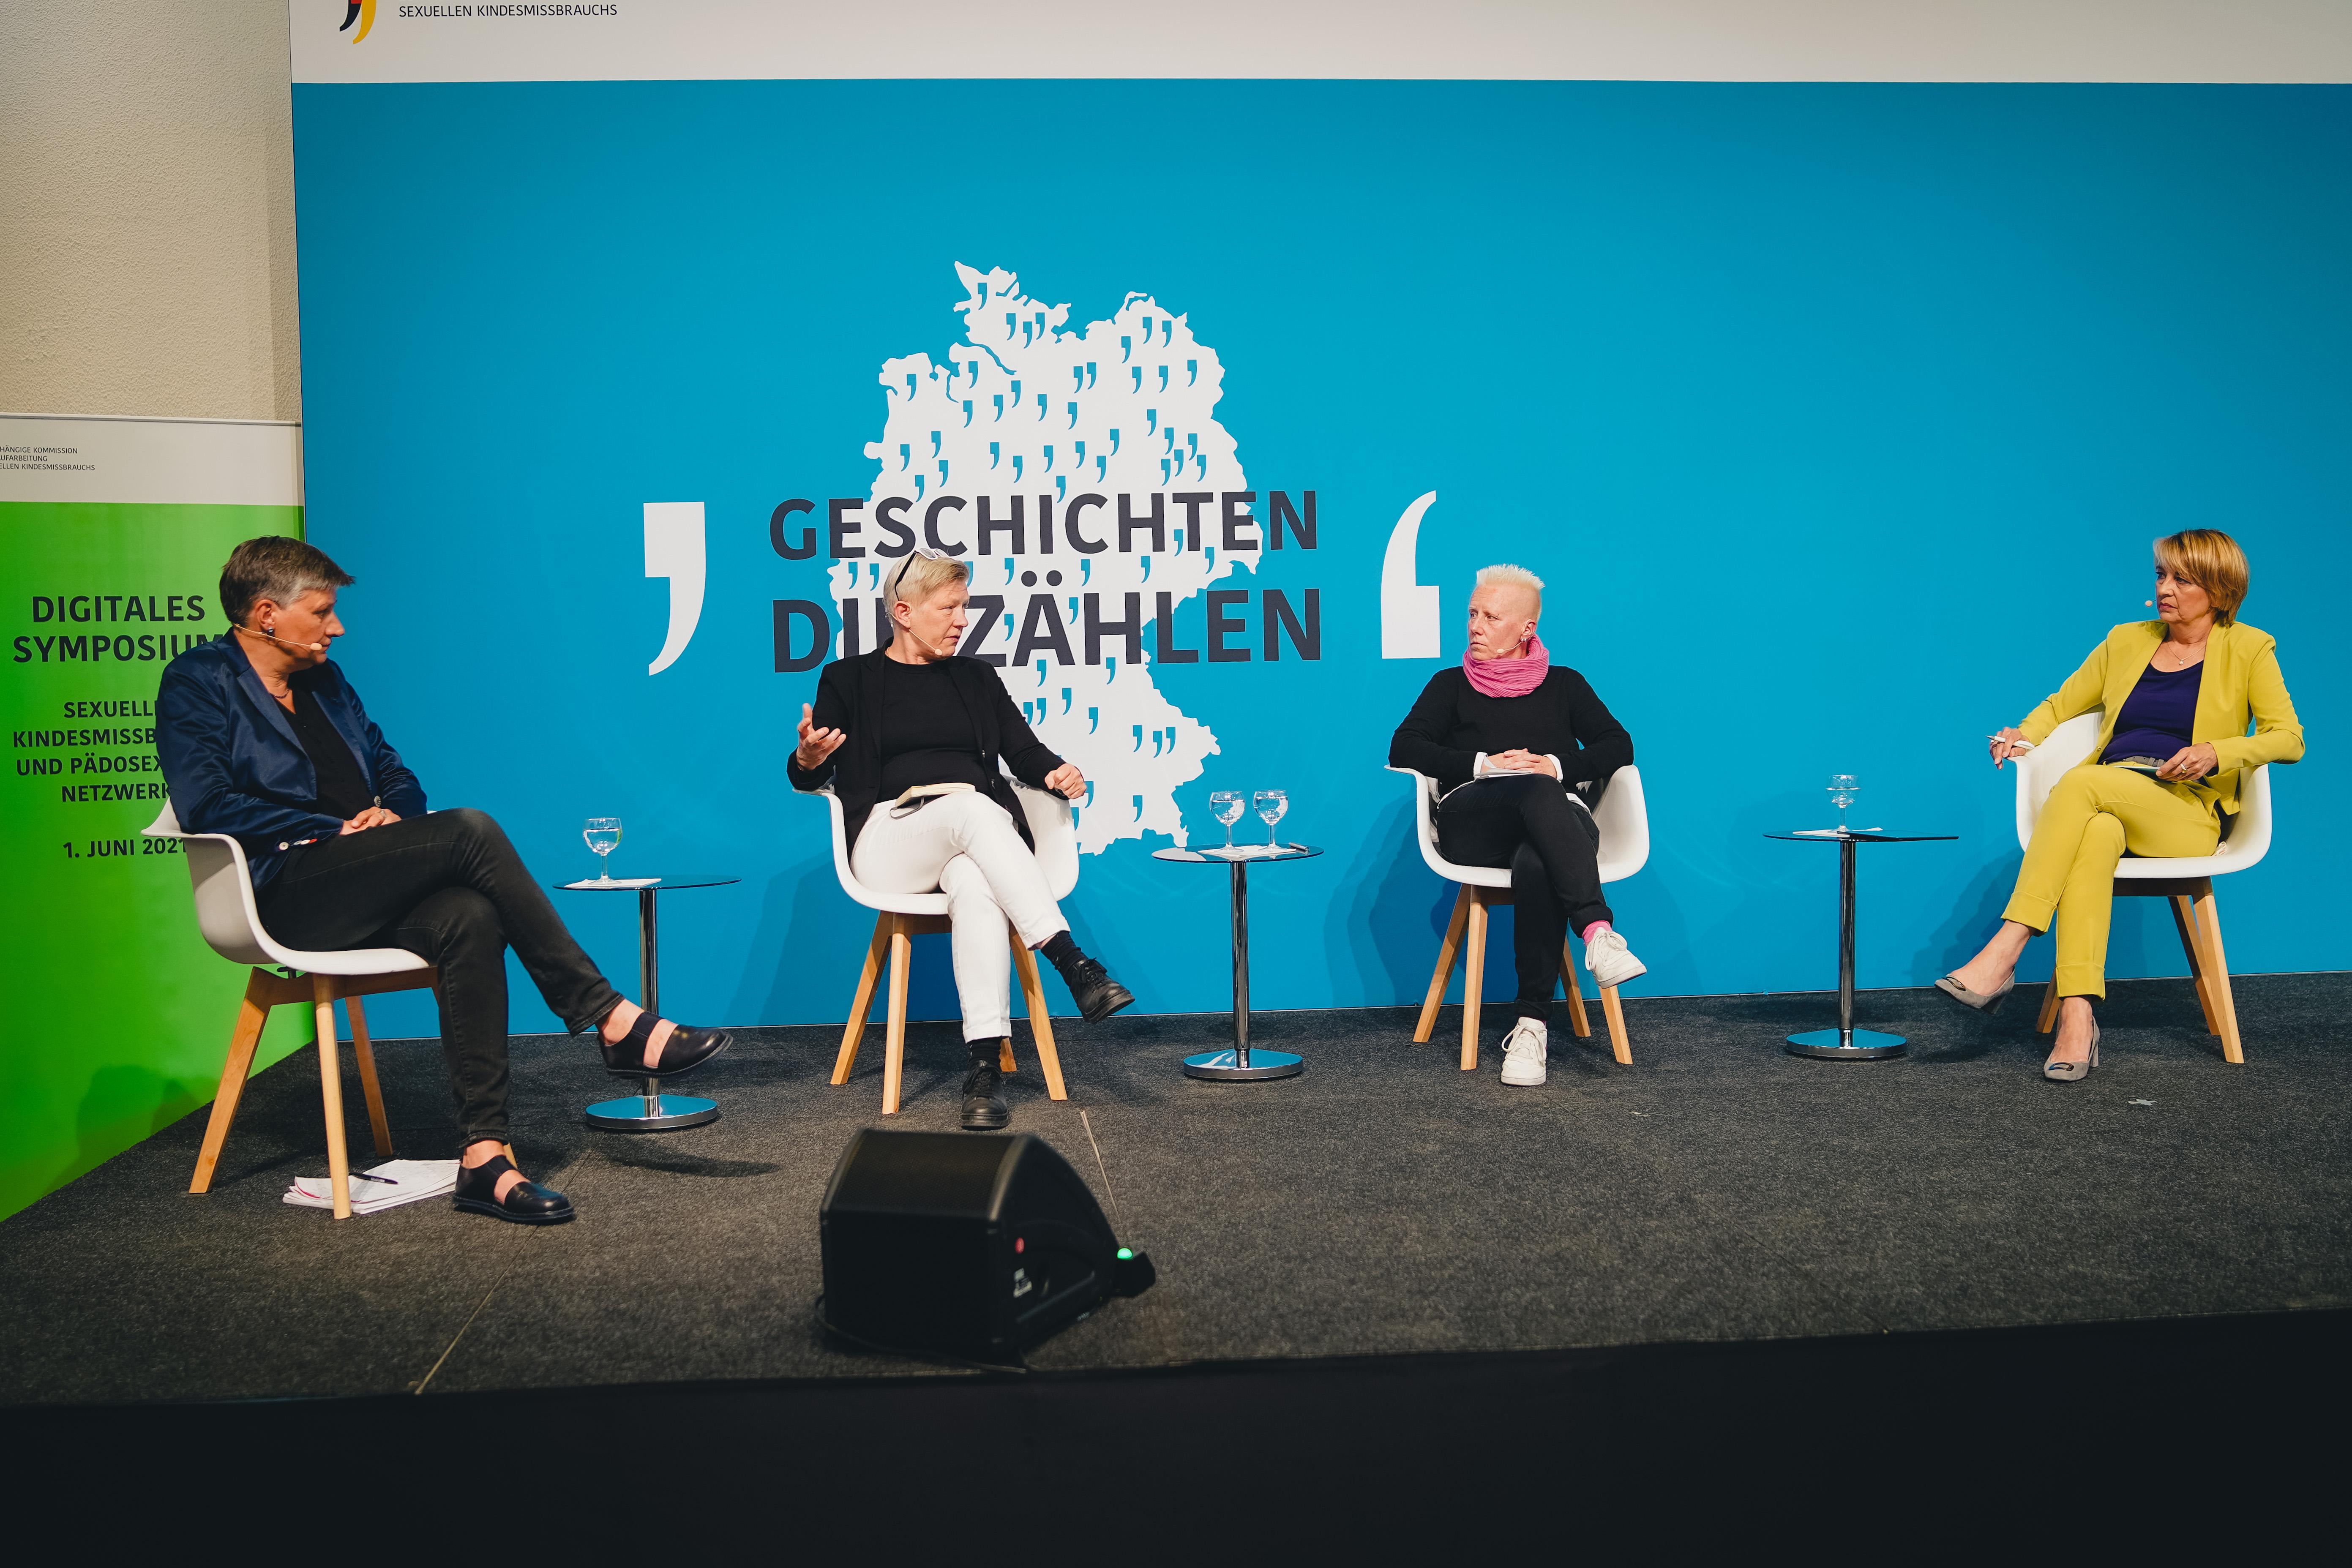 Auf einer Bühne sitzen vier Frauen und sprechen miteinander.